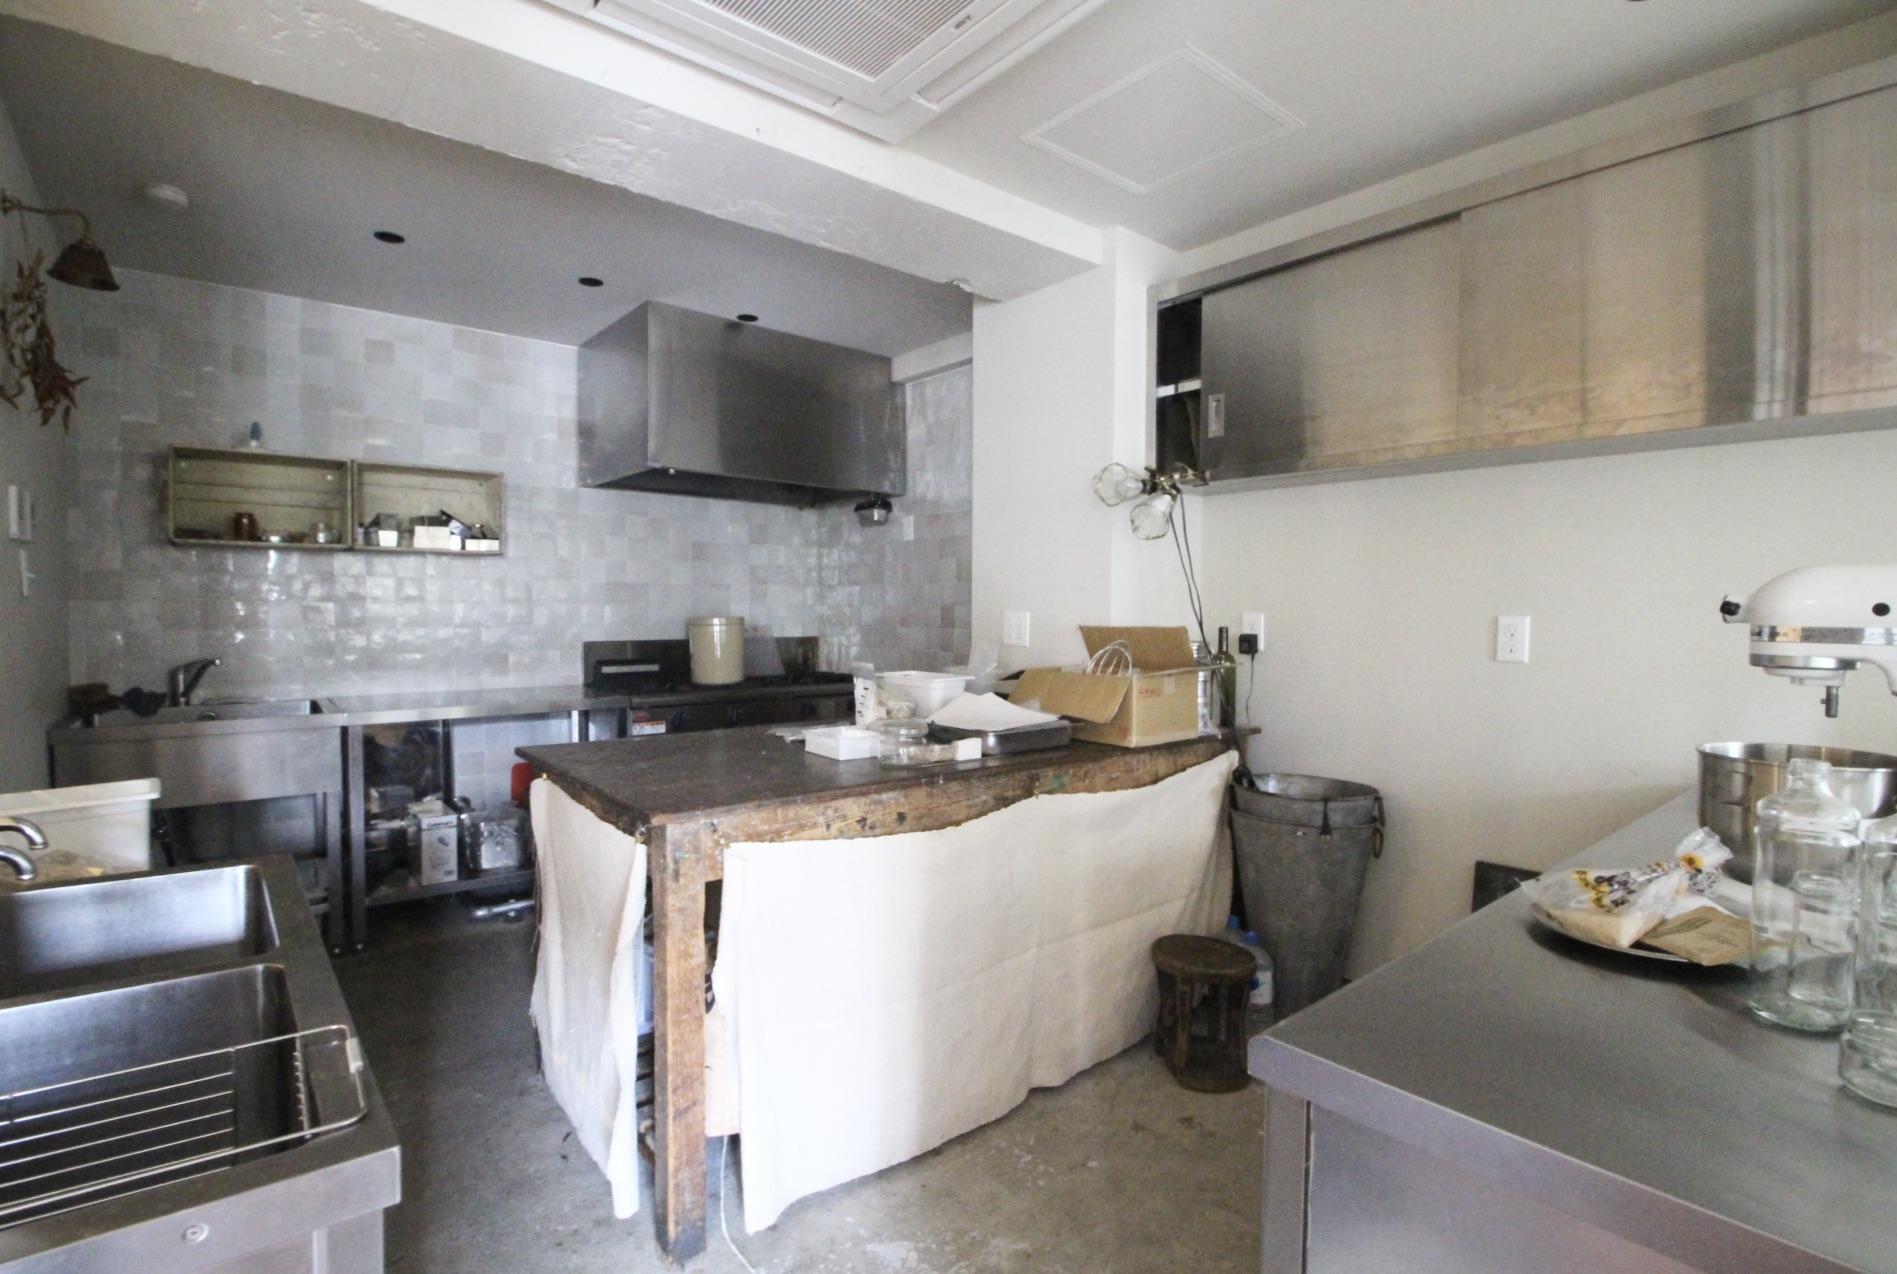 設備の整ったキッチン